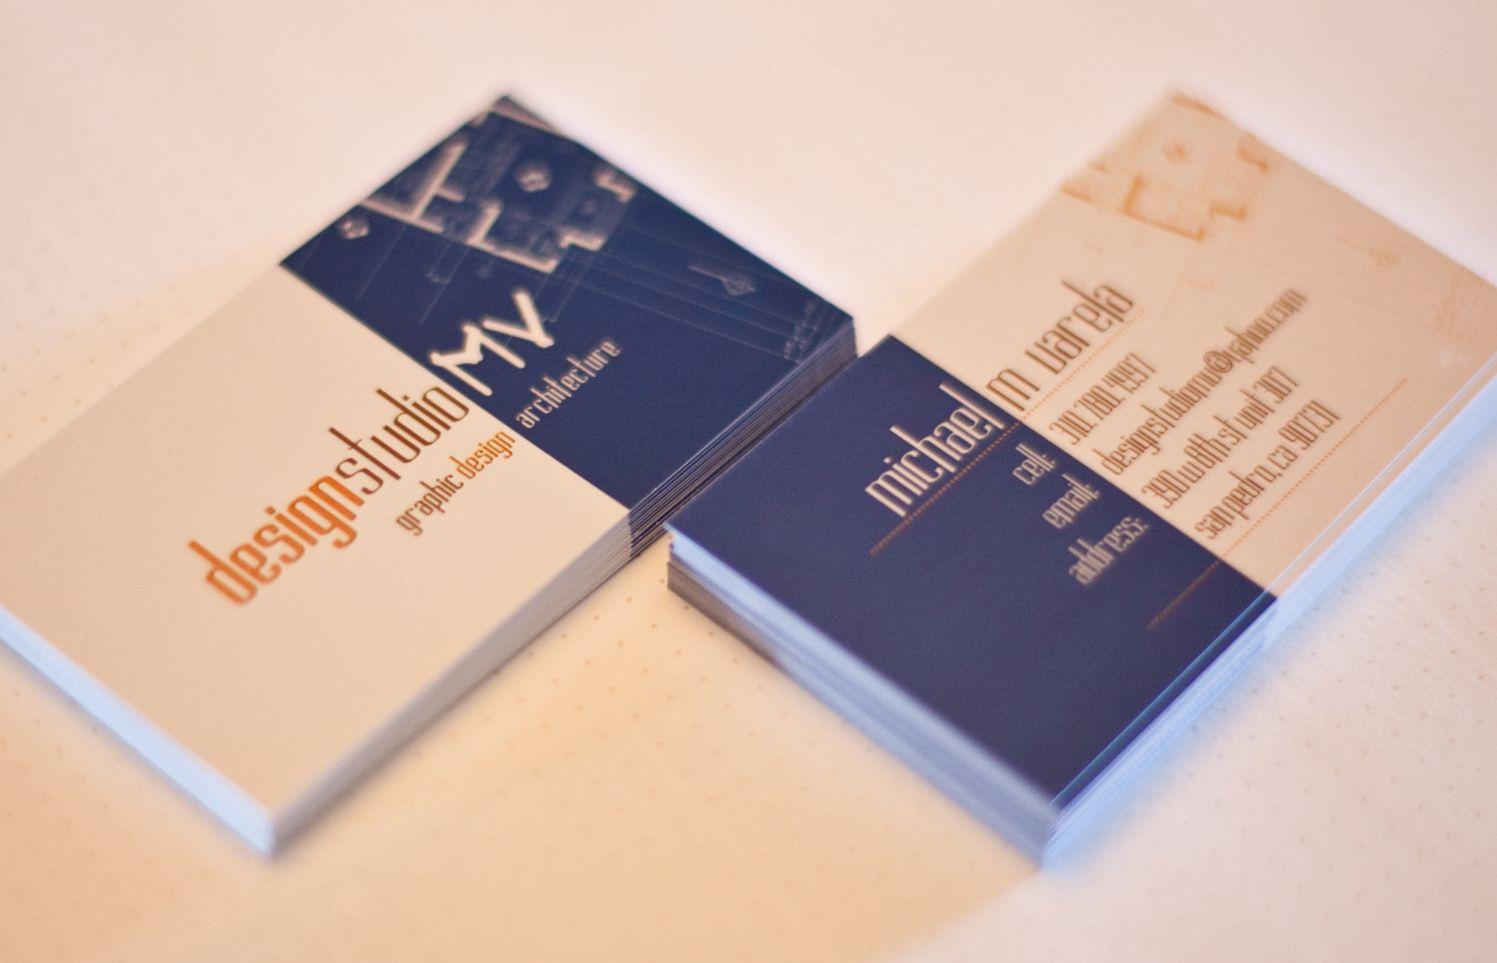 DesignStudio Graphic design - architecture | ▫ Architecture logos ...